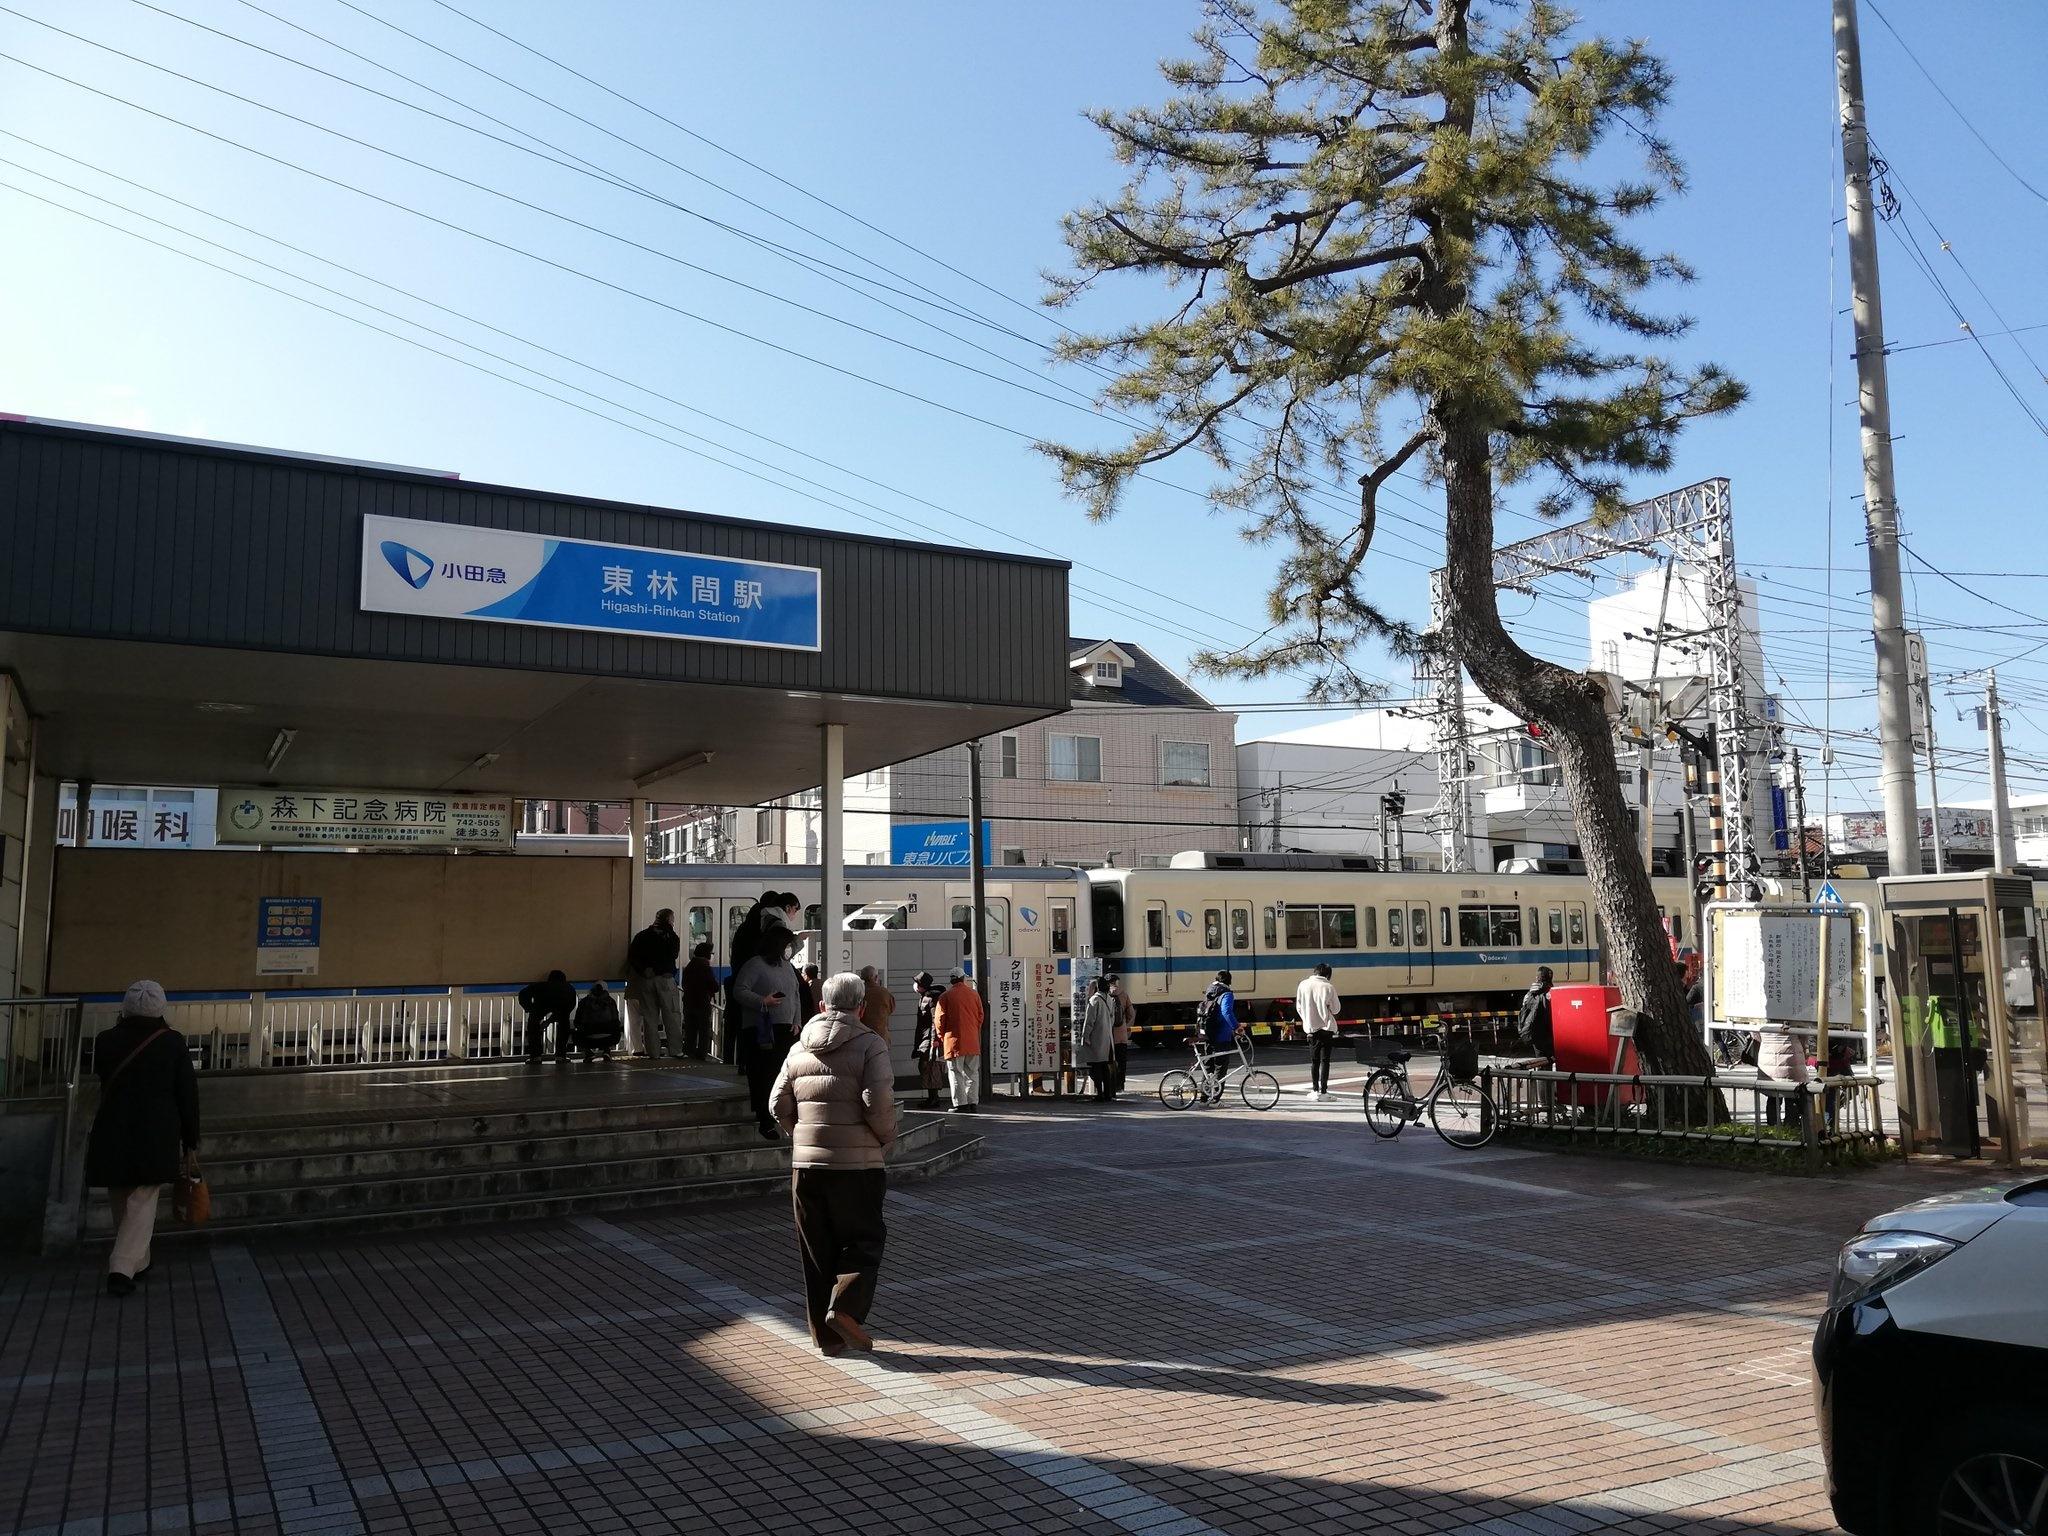 higashirinkanjinshinjiko